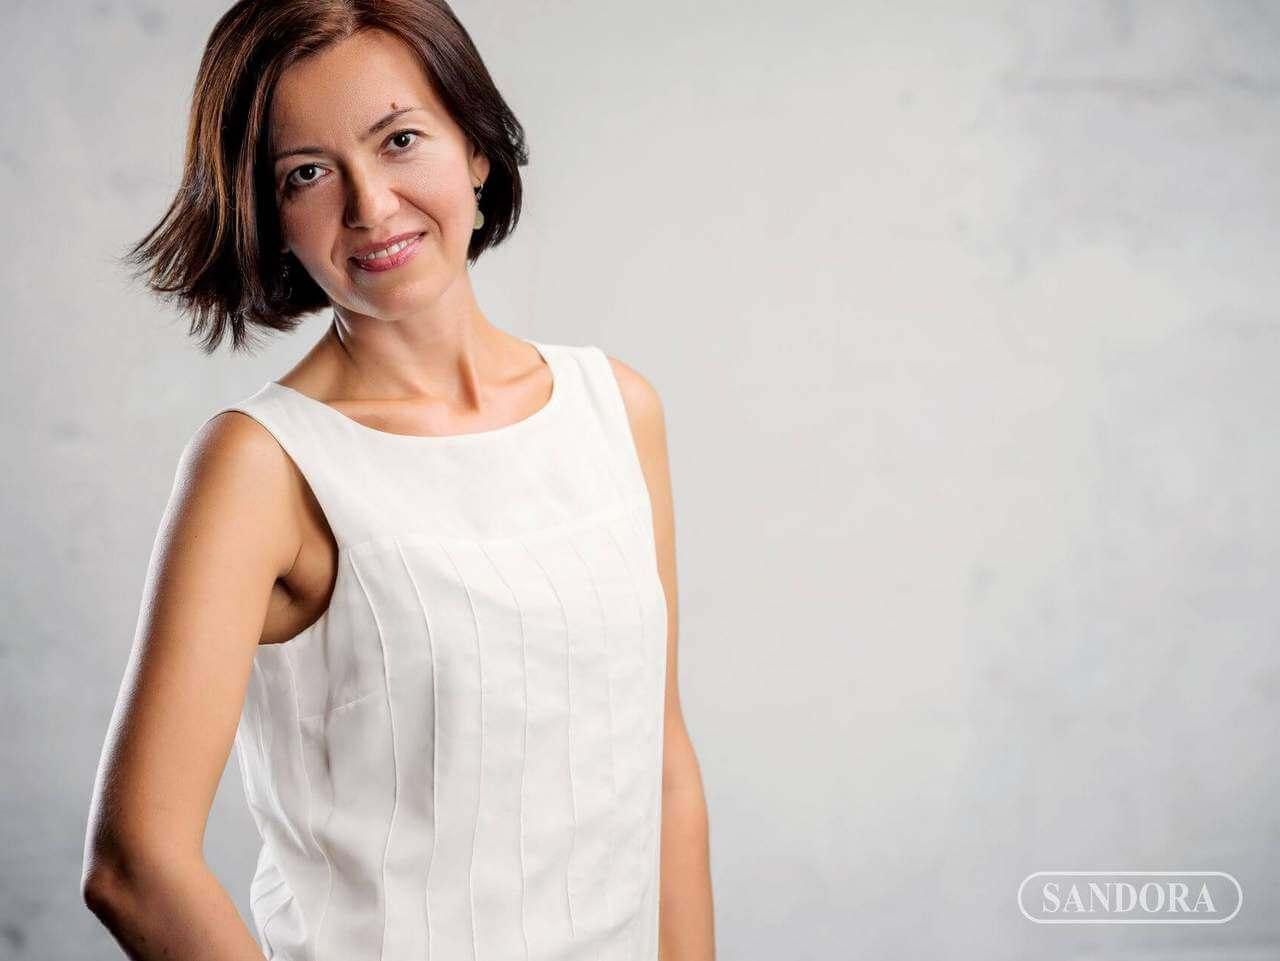 Стриженко Надежда Владимировна, врач стоматолог